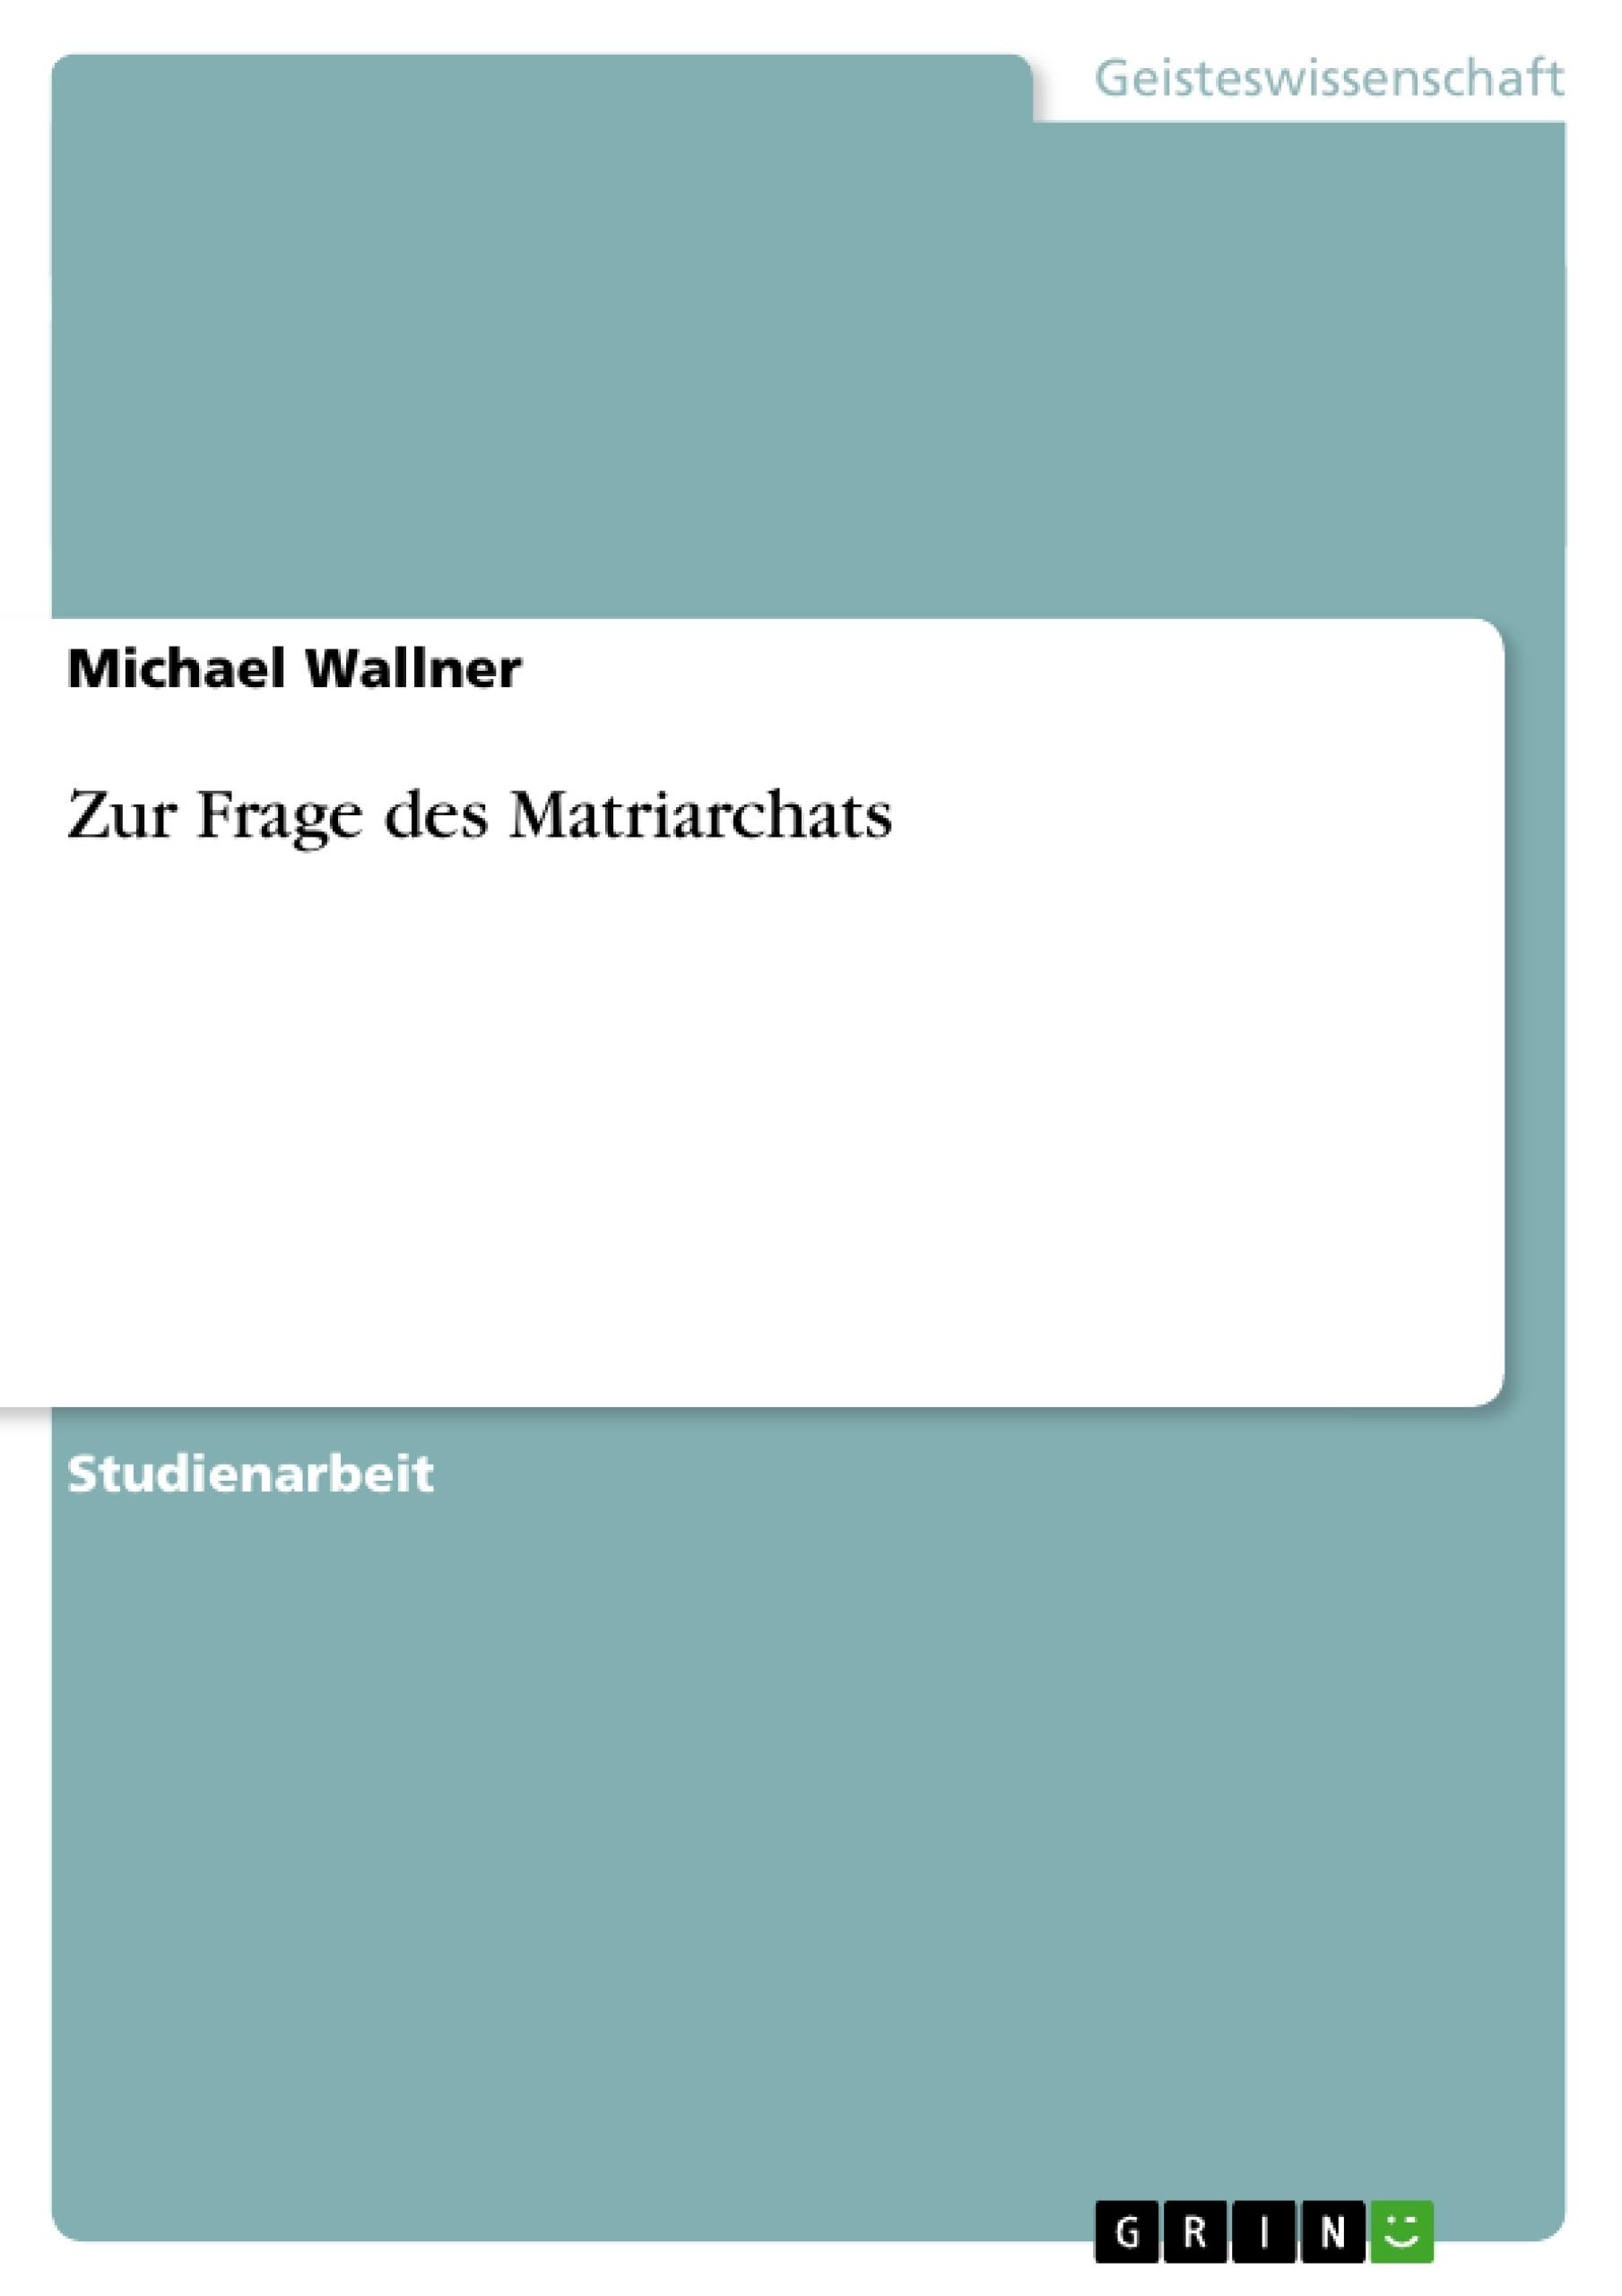 Titel: Zur Frage des Matriarchats